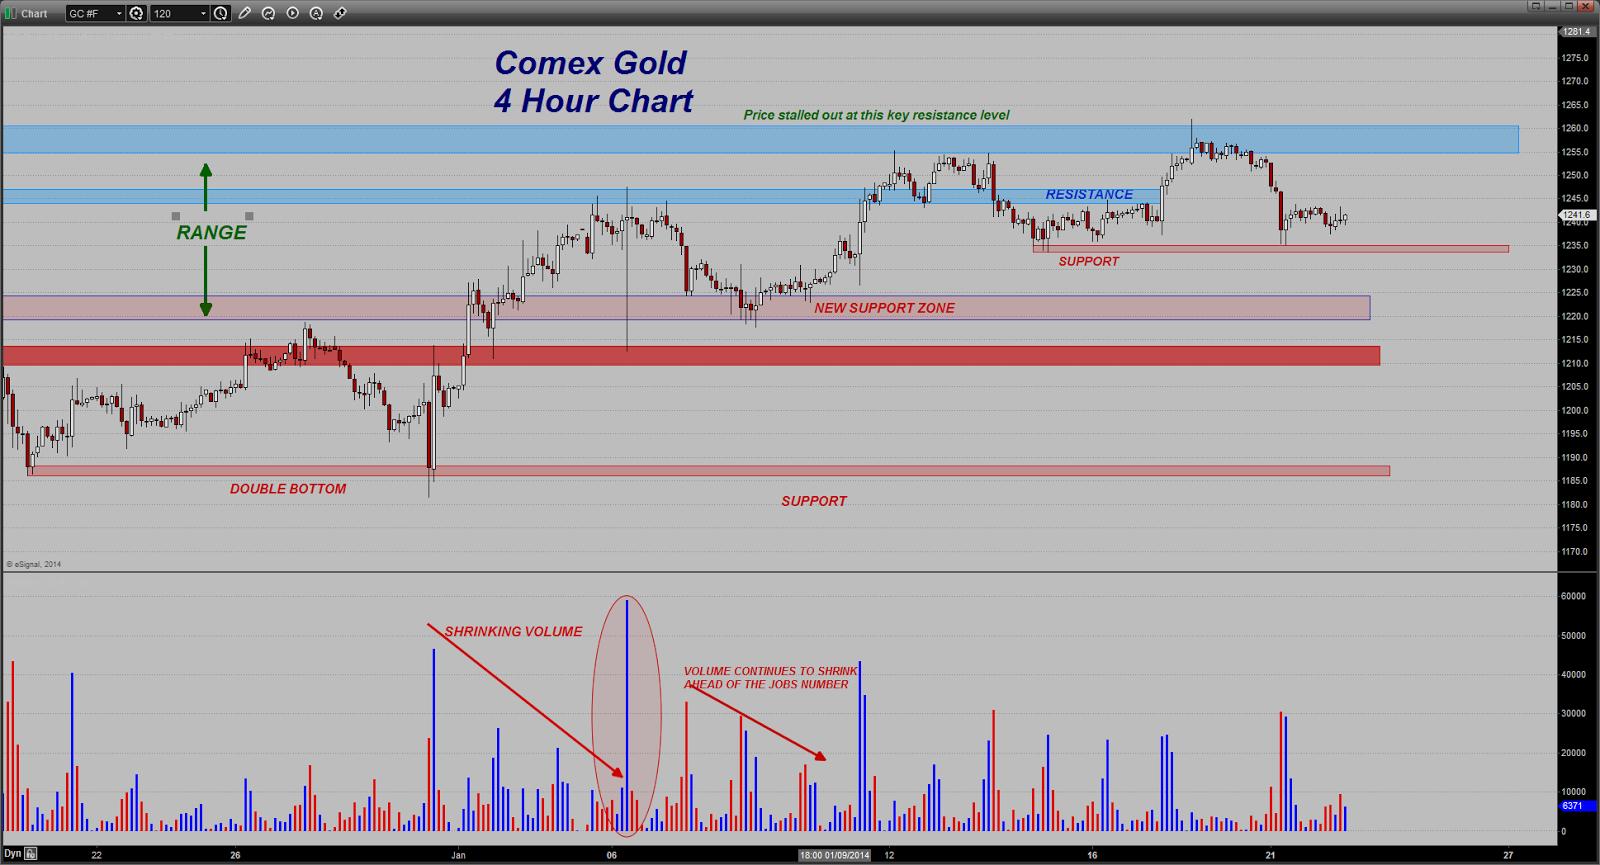 prix de l'or, de l'argent et des minières / suivi quotidien en clôture - Page 9 Chart20140122065441